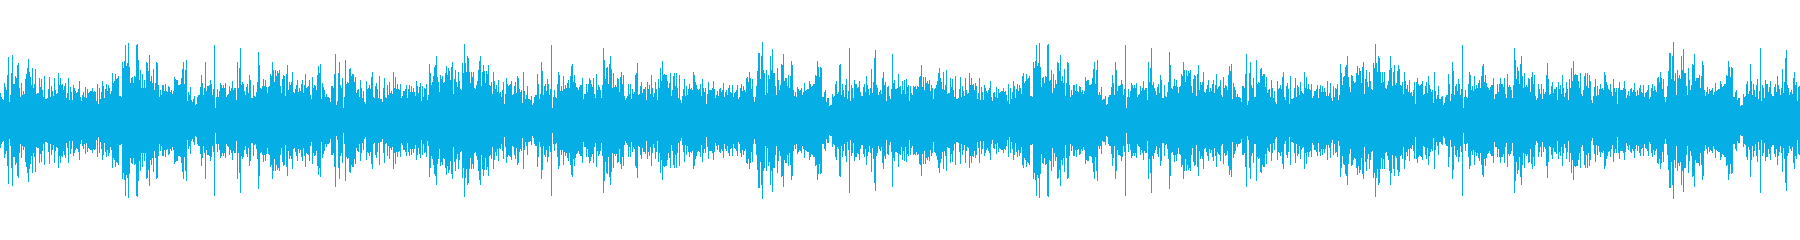 連続的な電気放電電気、アーク放電、火花の再生済みの波形